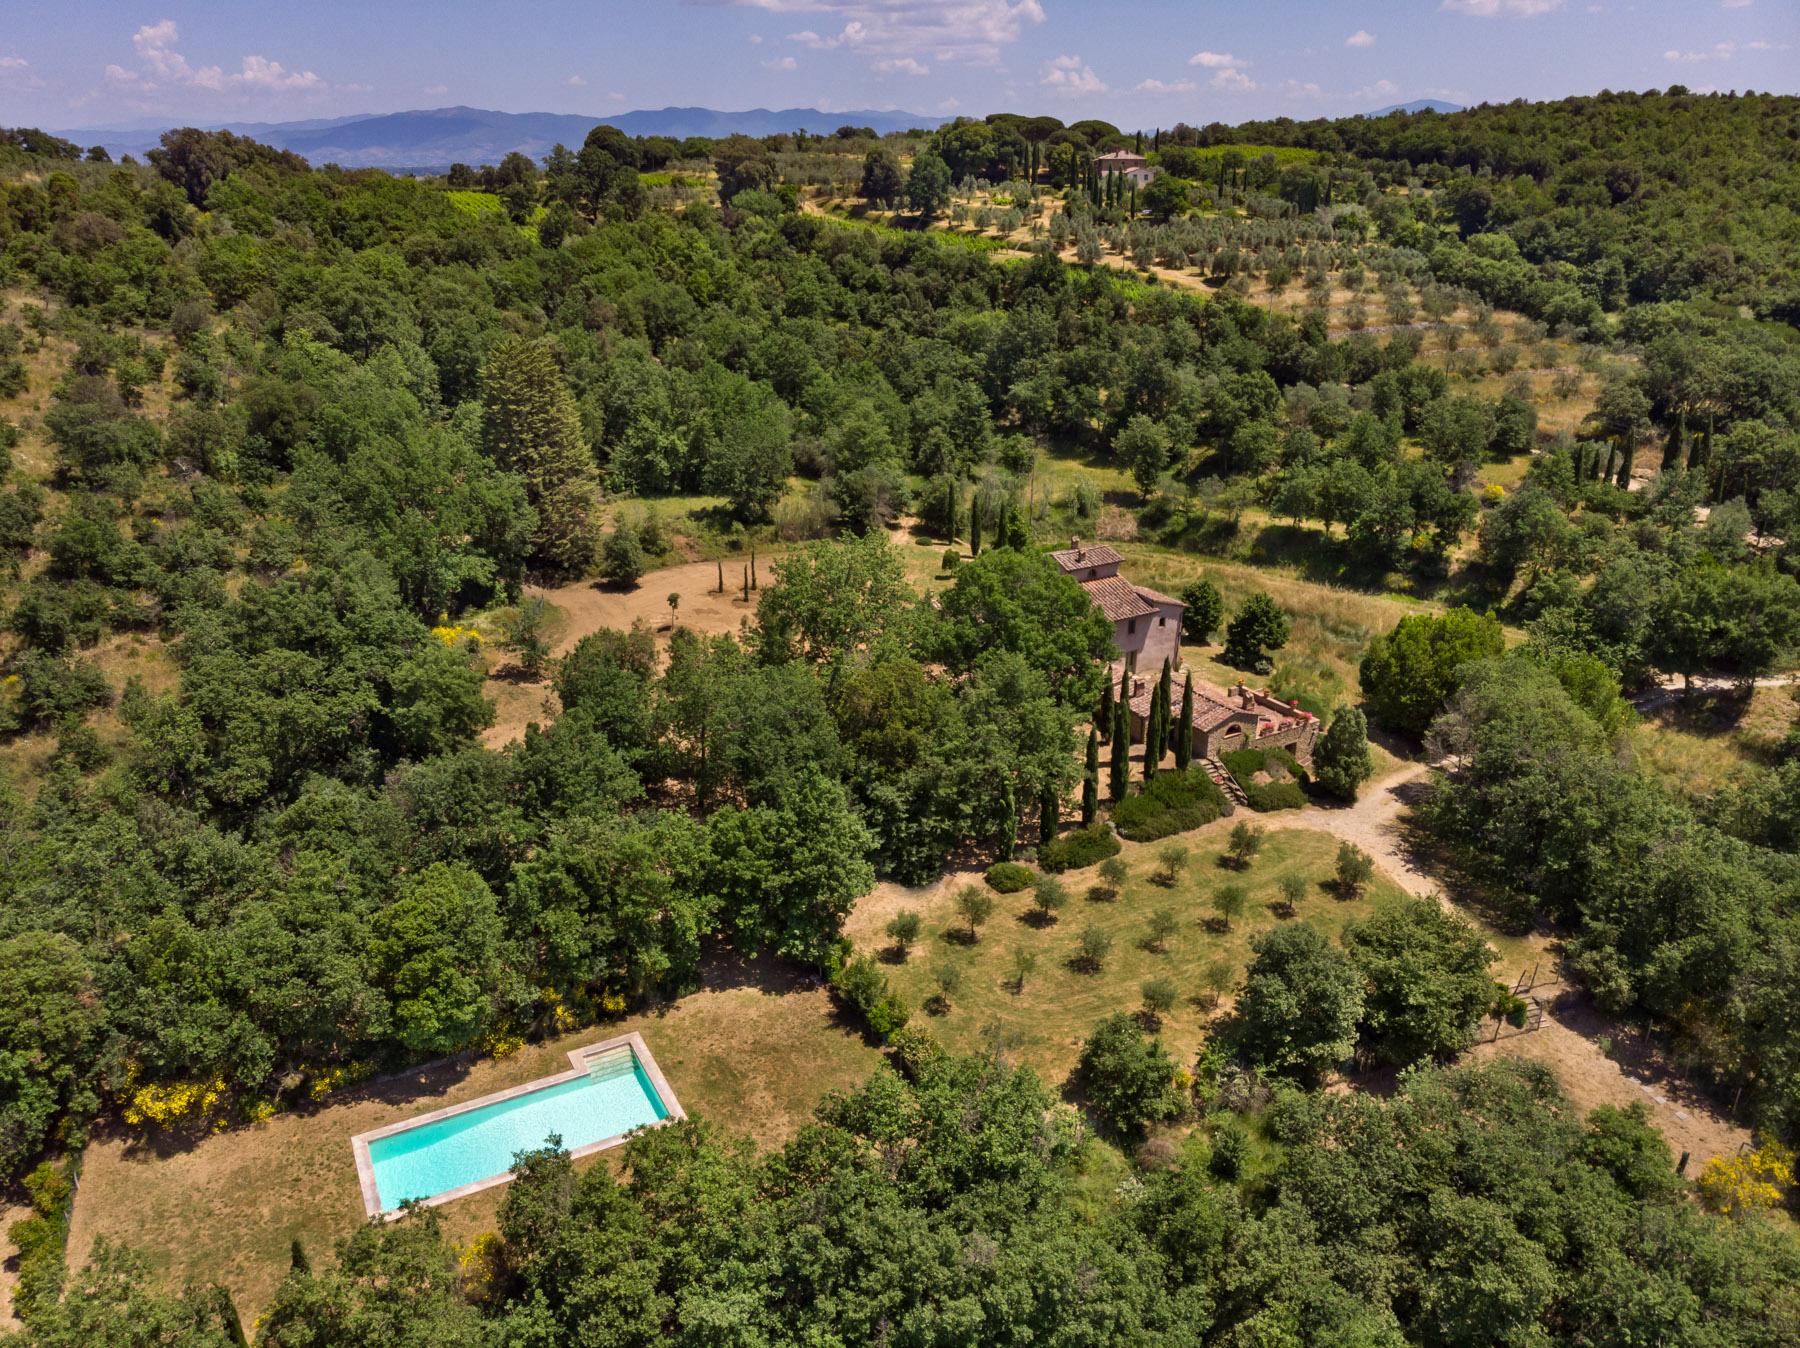 Villa in Vendita a Monte San Savino: 5 locali, 340 mq - Foto 12